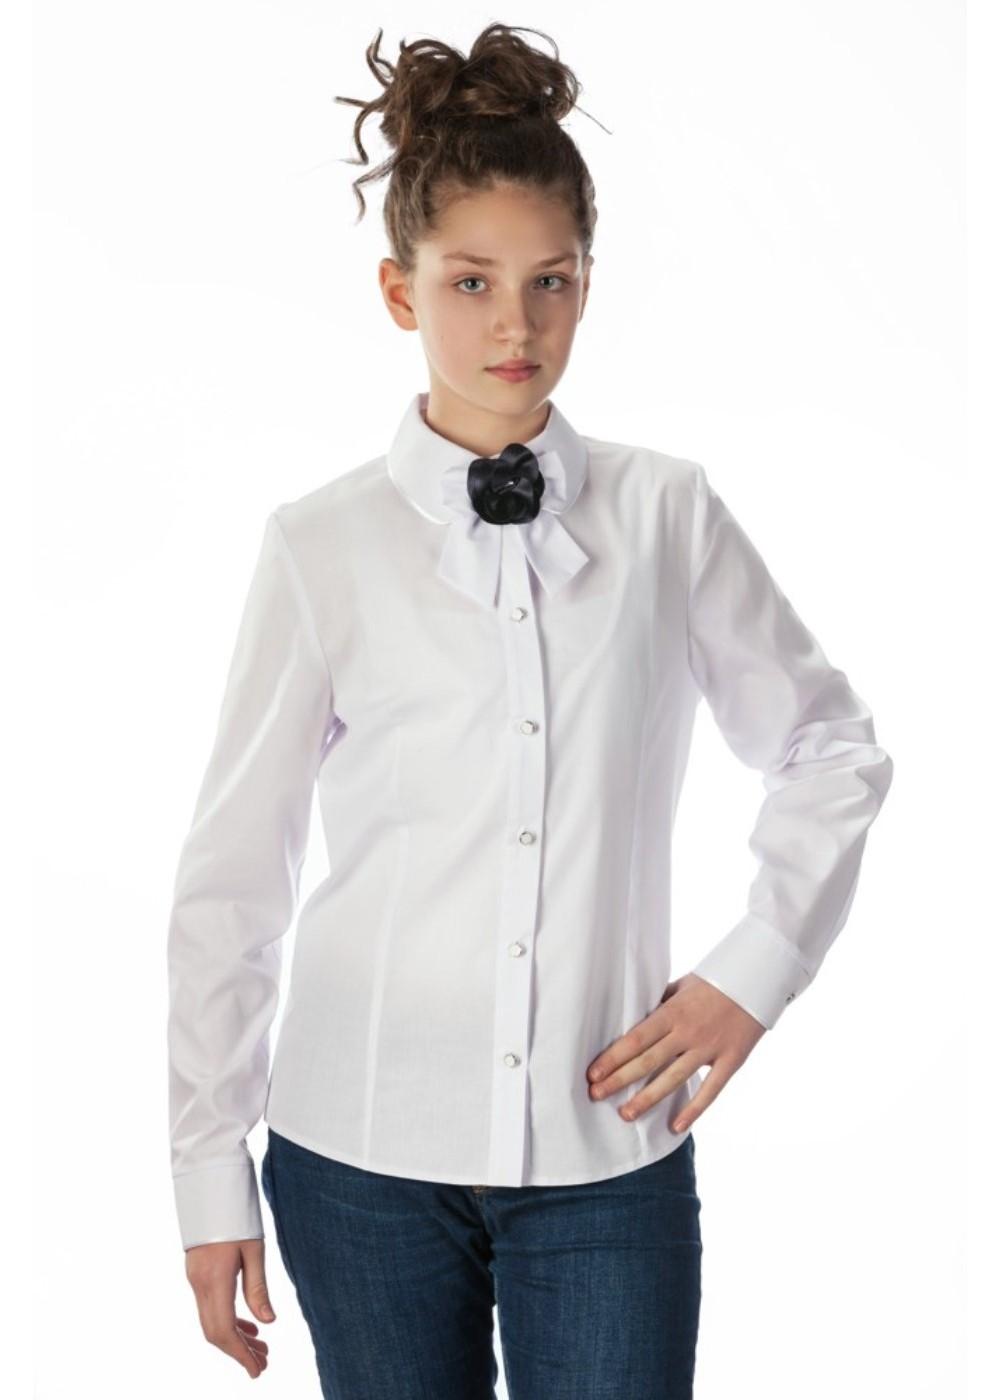 Блузки школьные фото купить